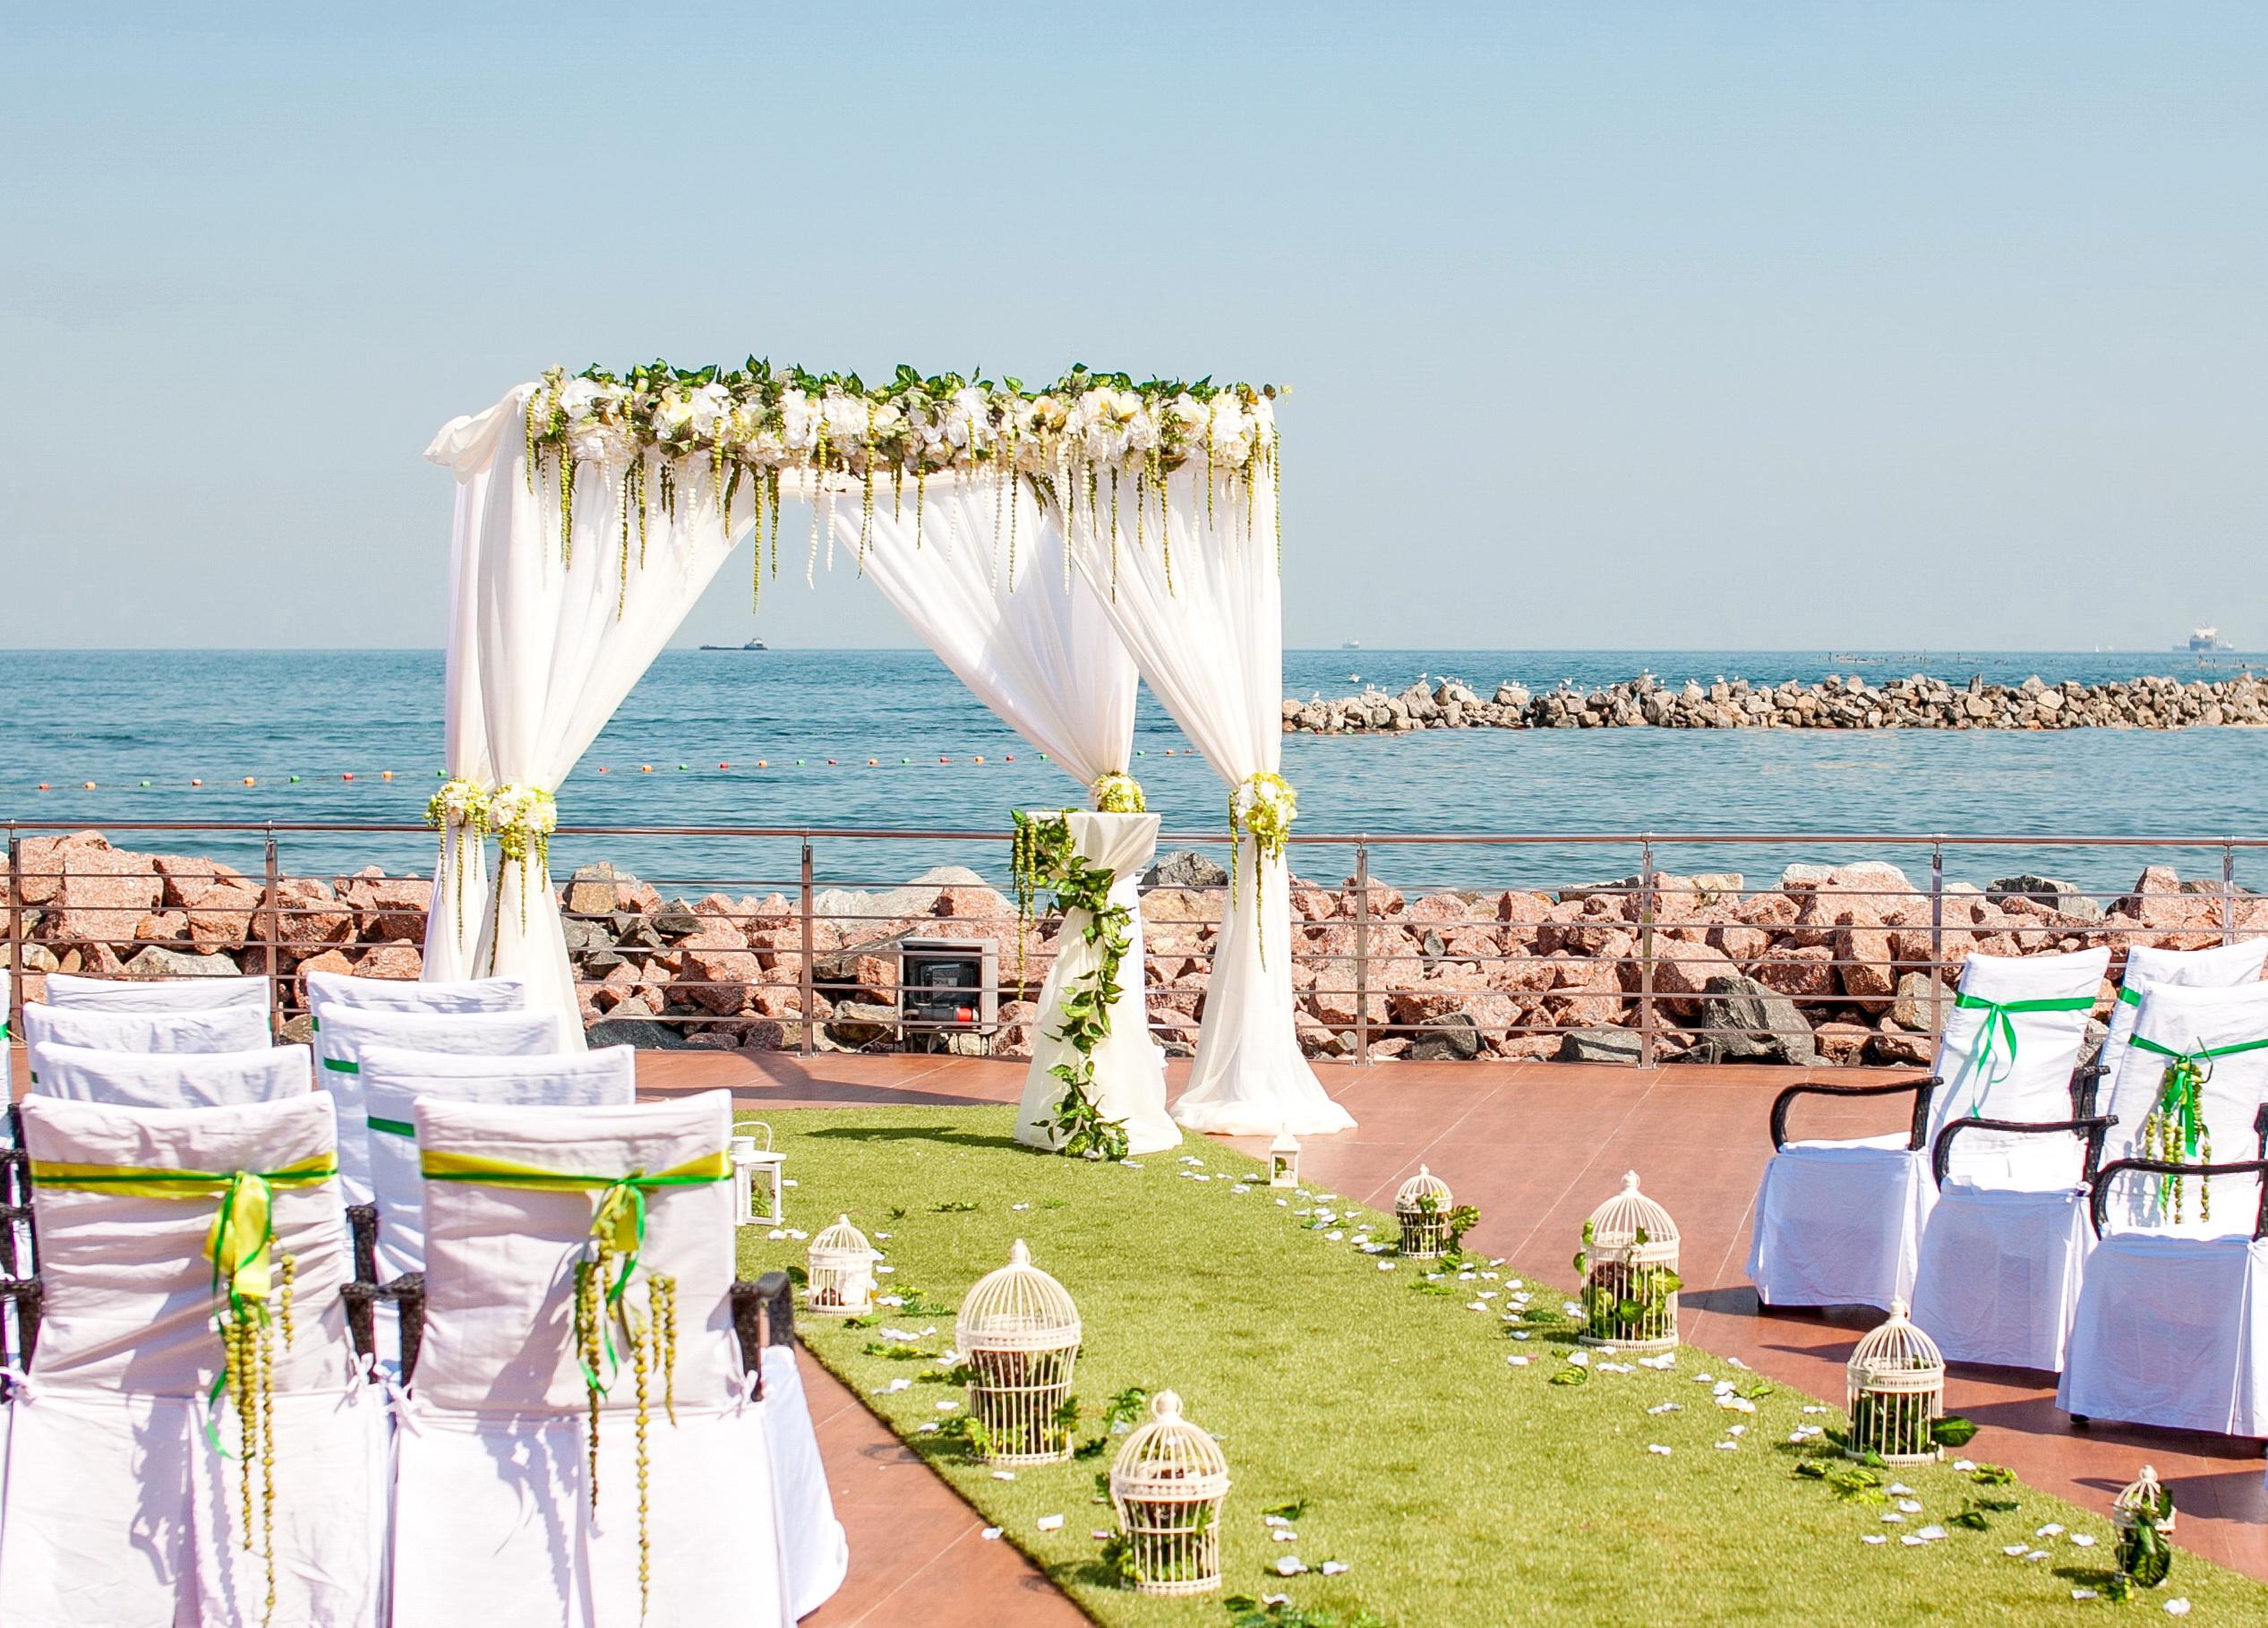 места для проведения свадеб - Лав Стори